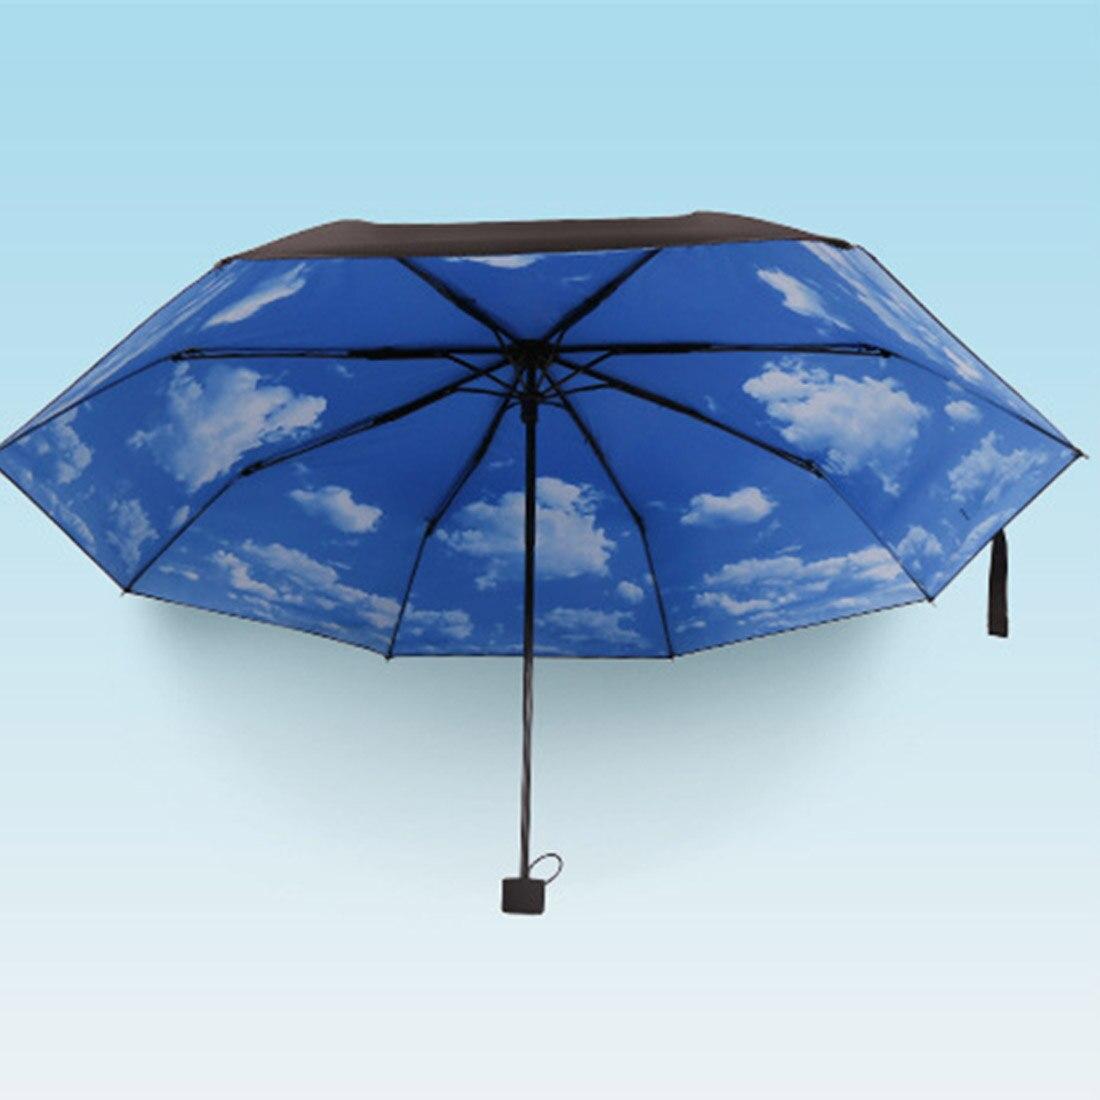 كبير بيع 3 الطي السماء الزرقاء سوبر anti الشماسي المظلات المطر